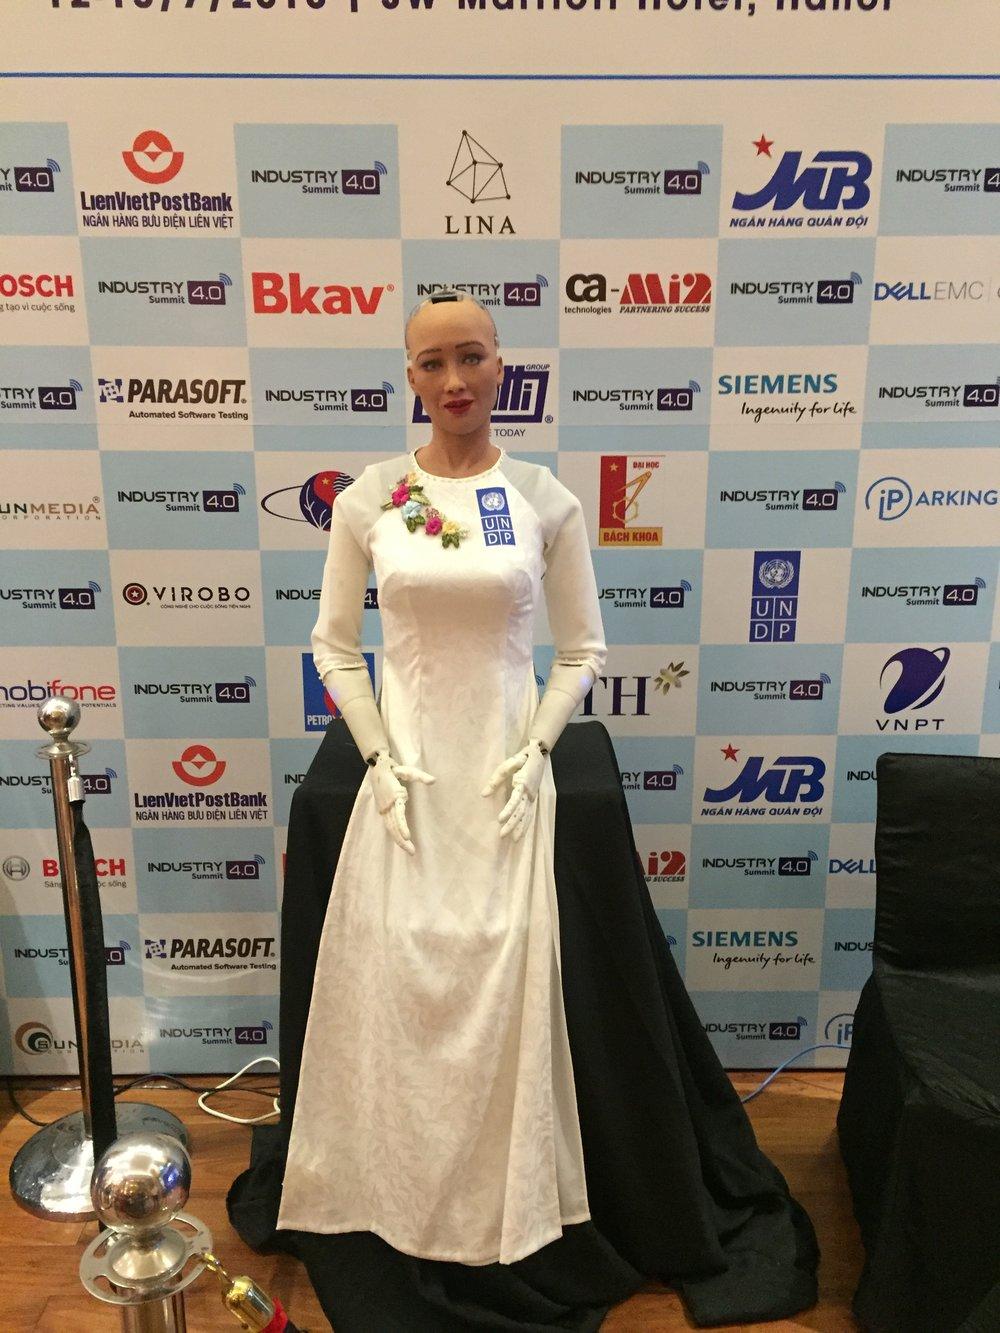 Khi xuất hiện tại Hà Nội, Sophia còn mặc một chiếc áo dài trắng truyền thống của Việt Nam.